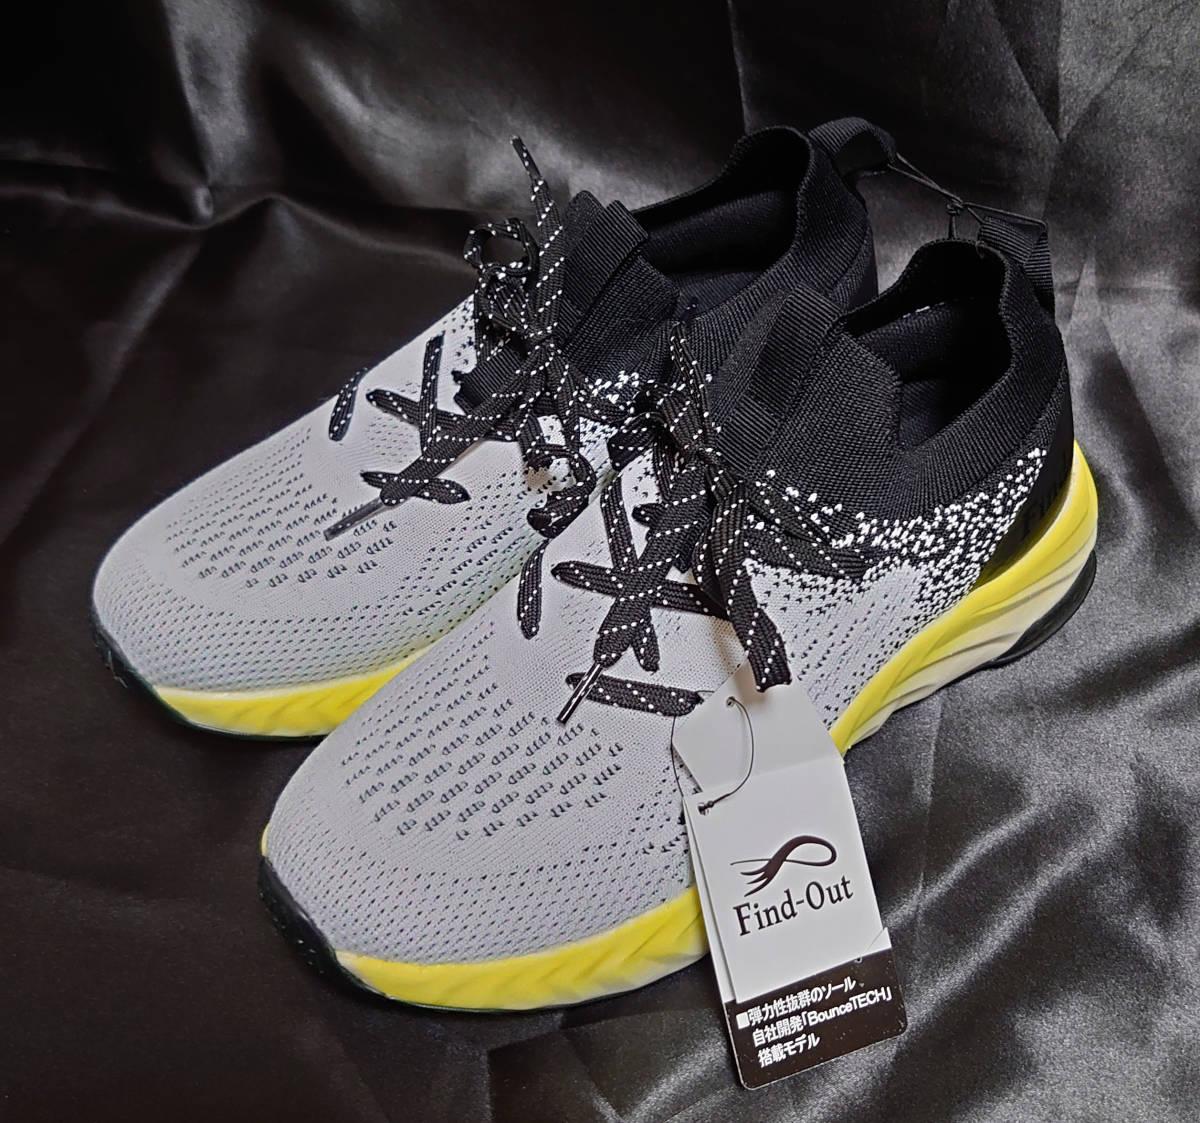 【新品・送料無料】ワークマン 厚底ランニングシューズ アスレシューズ ハイバウンス 24.5cm スニーカー 靴 Find-Out ファインドアウト